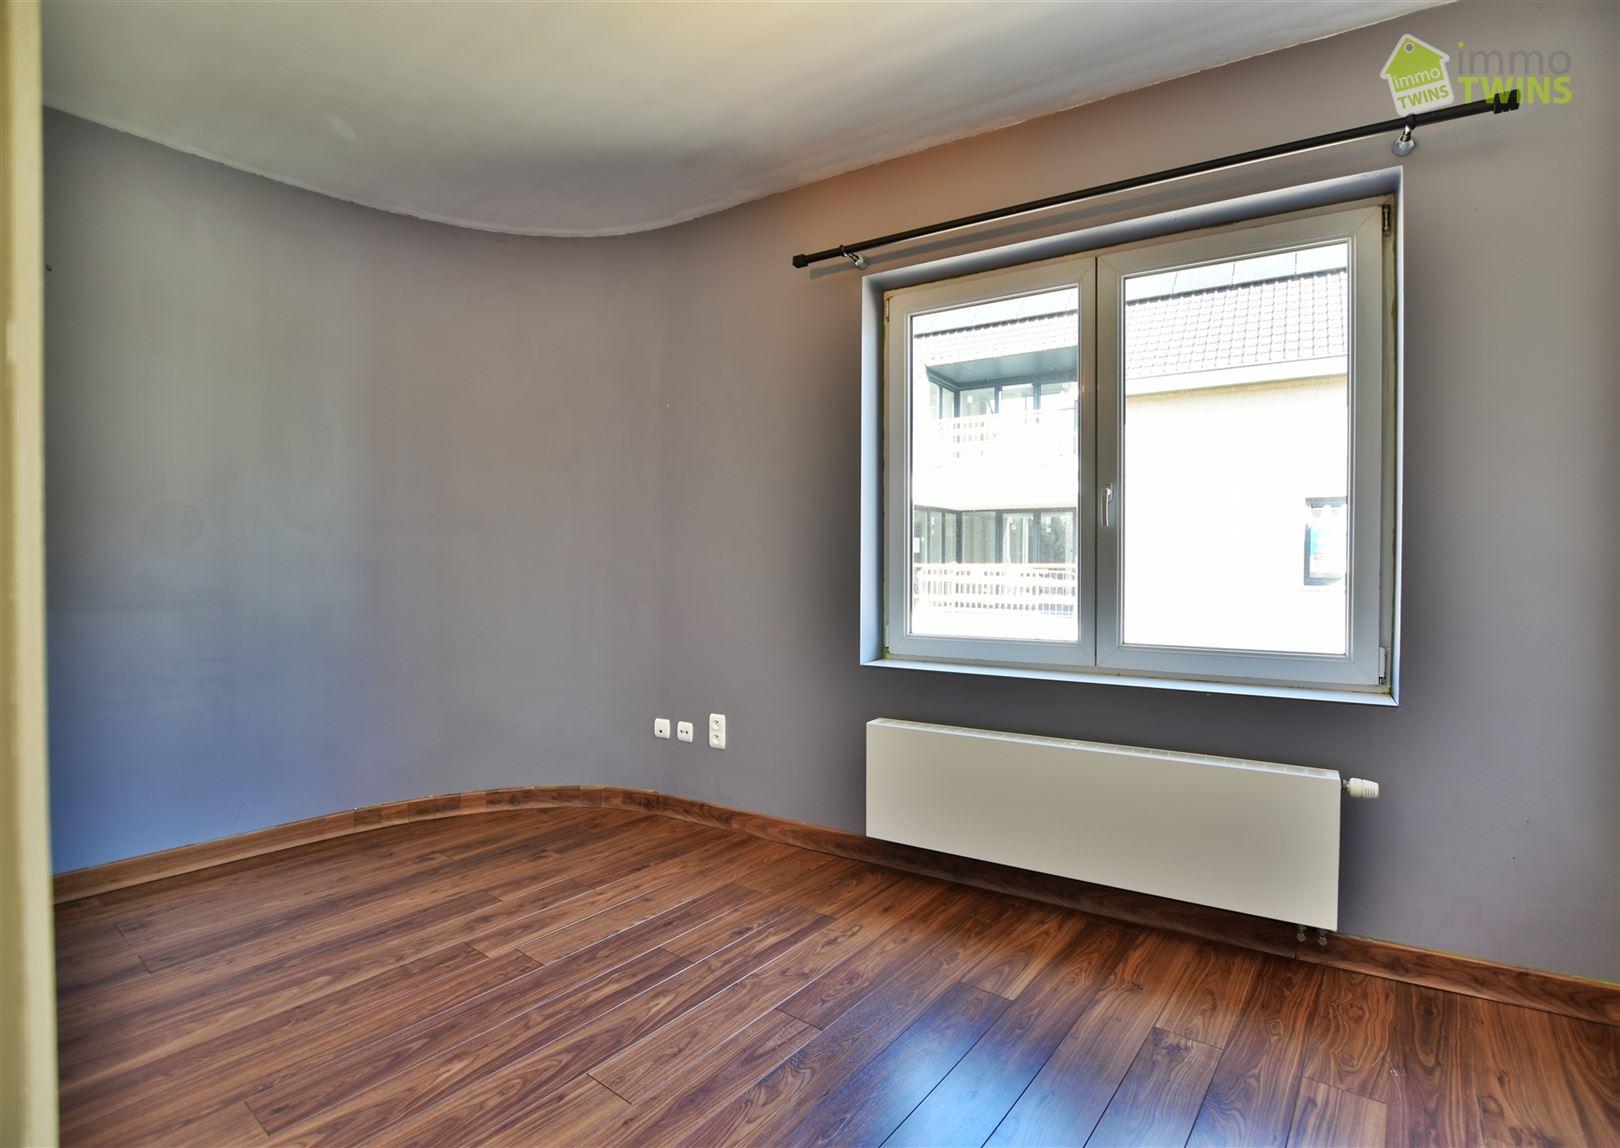 Foto 12 : Appartement te 9200 Sint-Gillis-bij-Dendermonde (België) - Prijs € 219.000